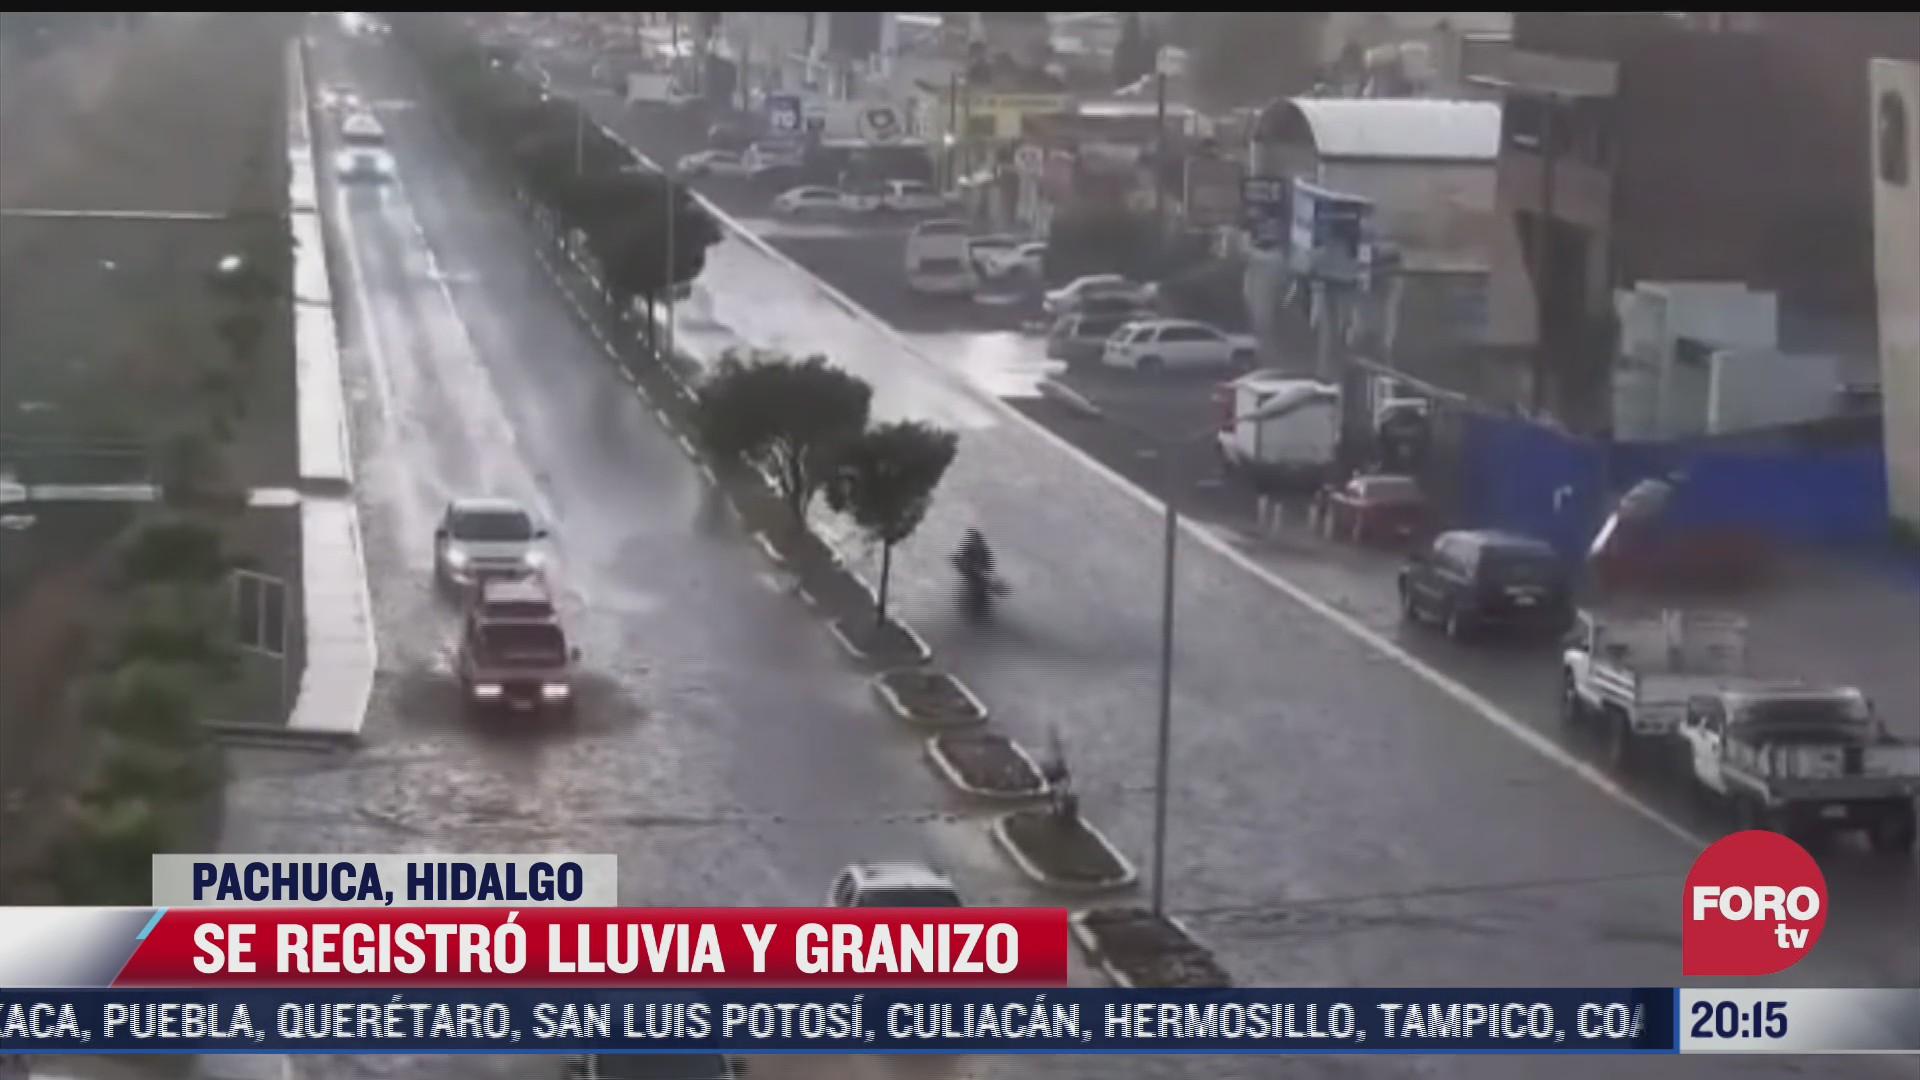 lluvia y granizada sorprende a habitantes de pachuca hidalgo